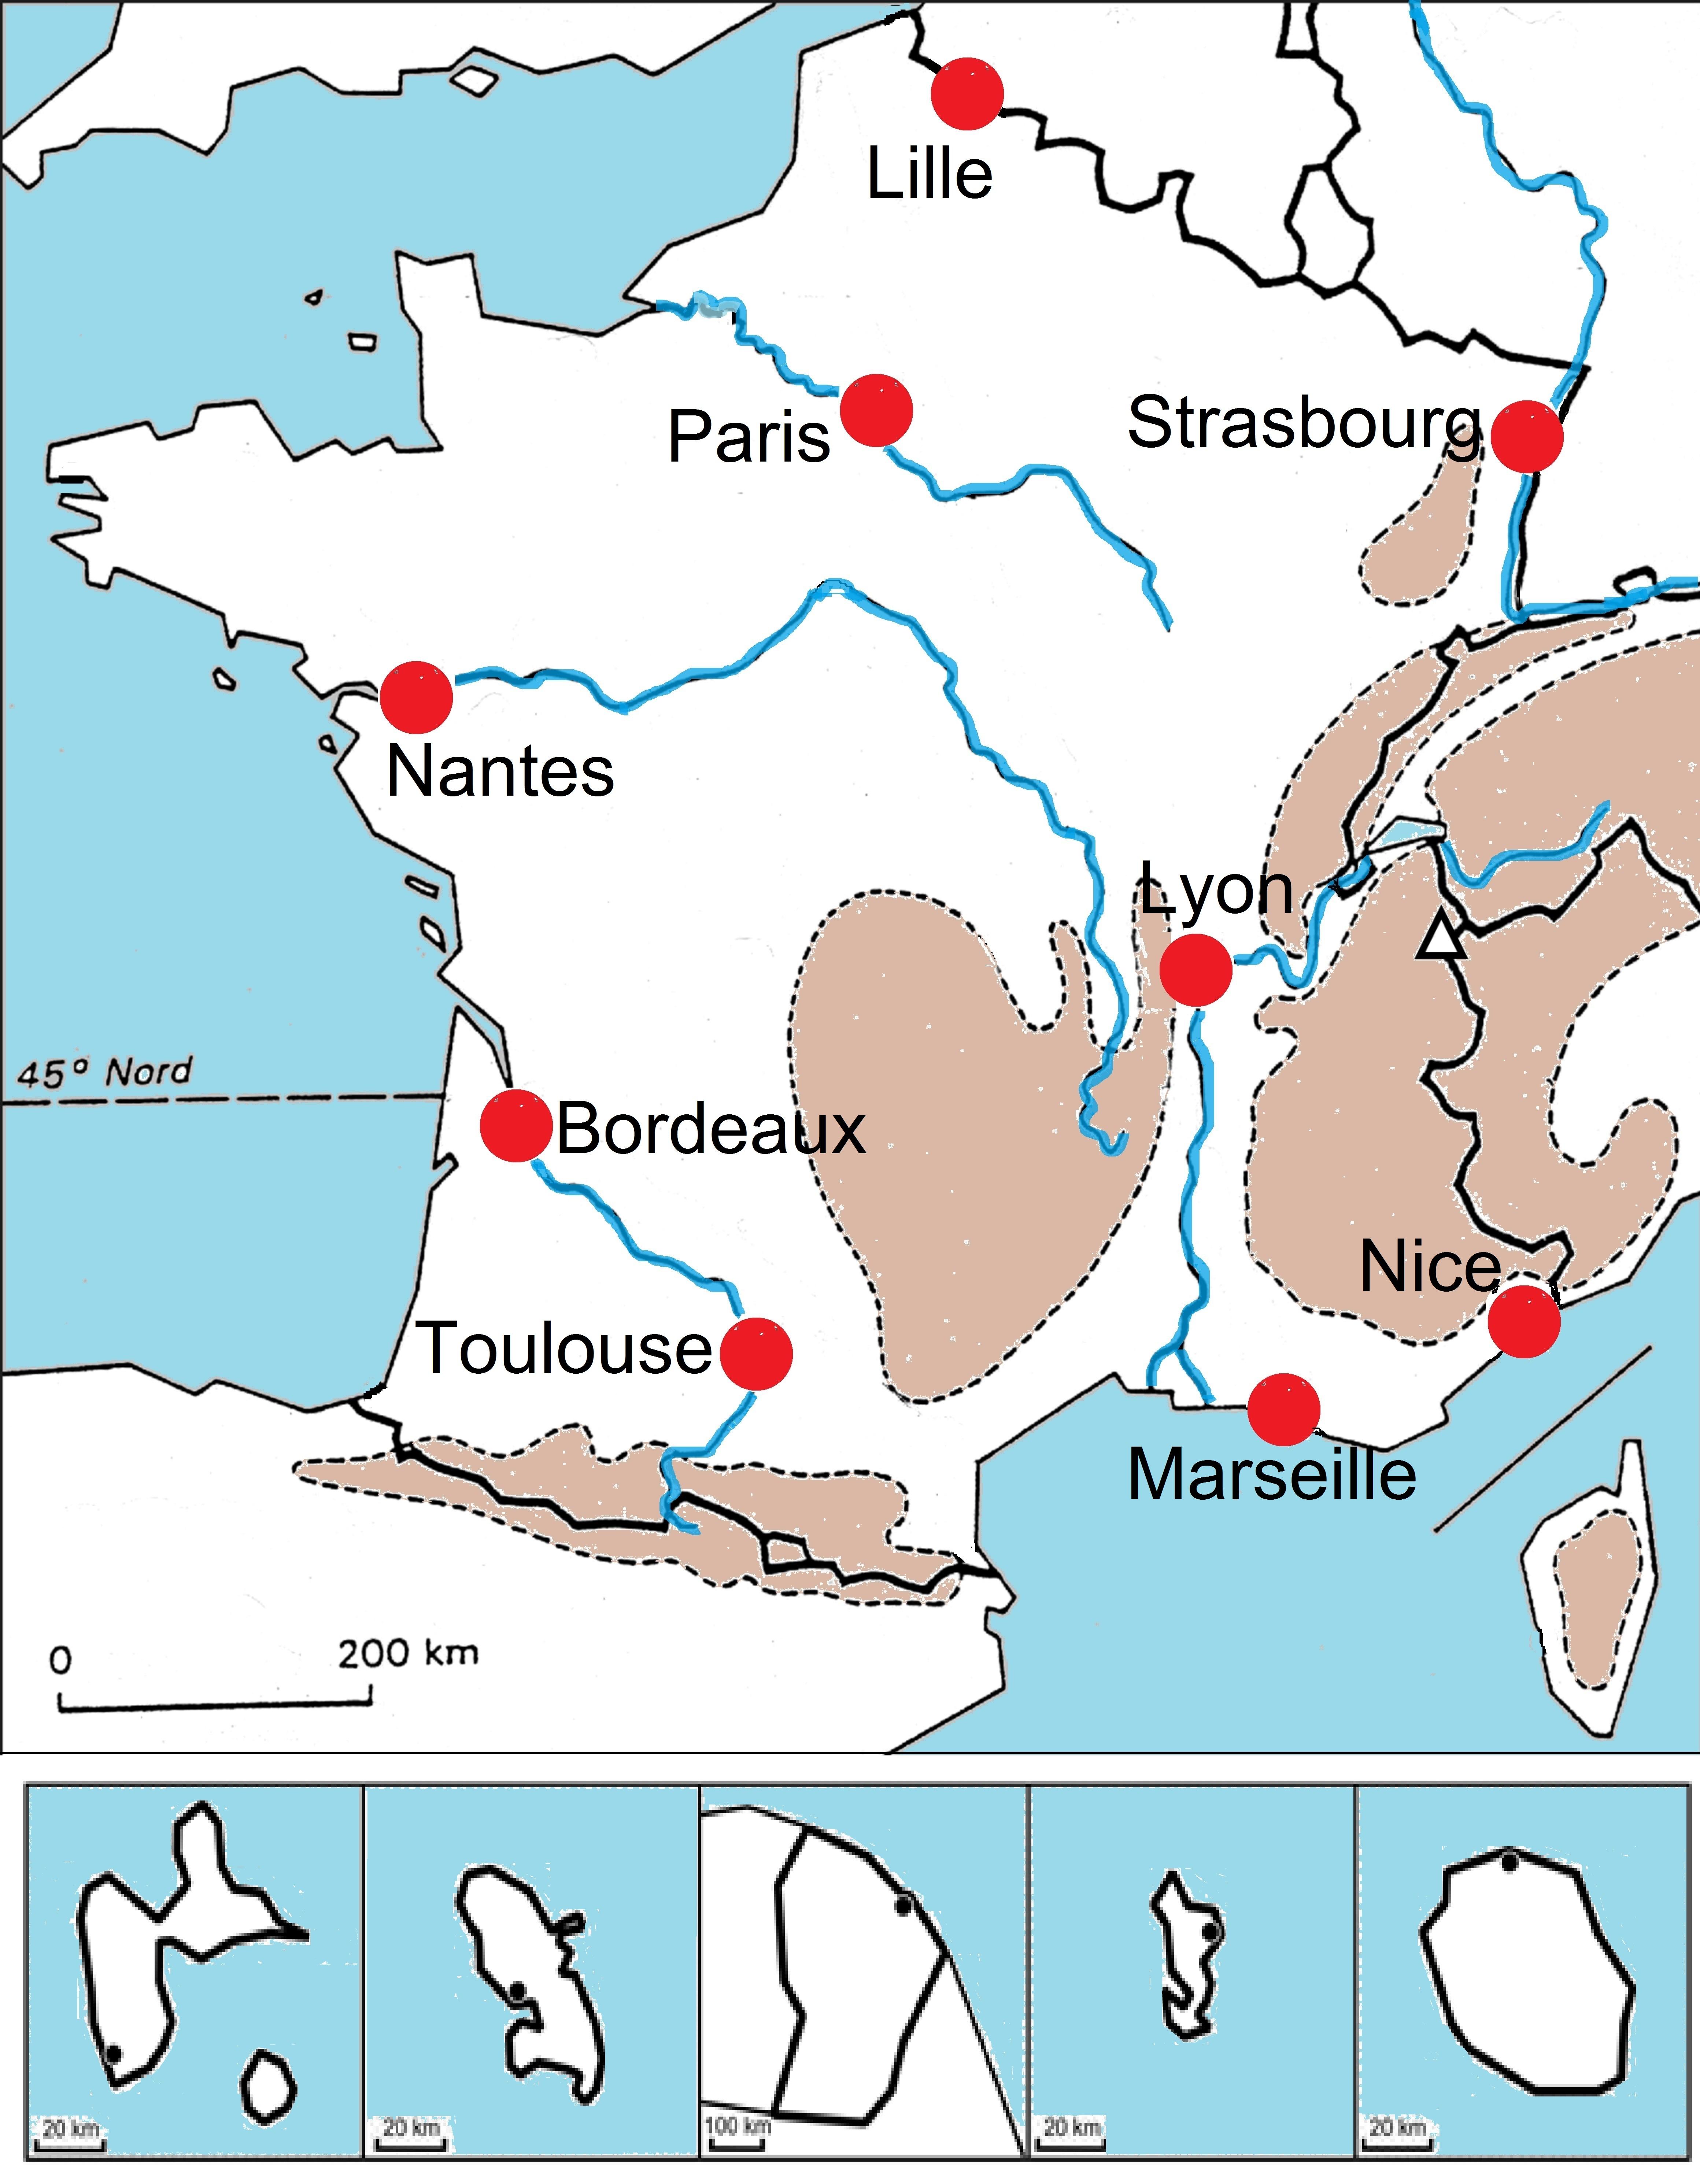 Carte des 10 plus grandes villes de france - altoservices